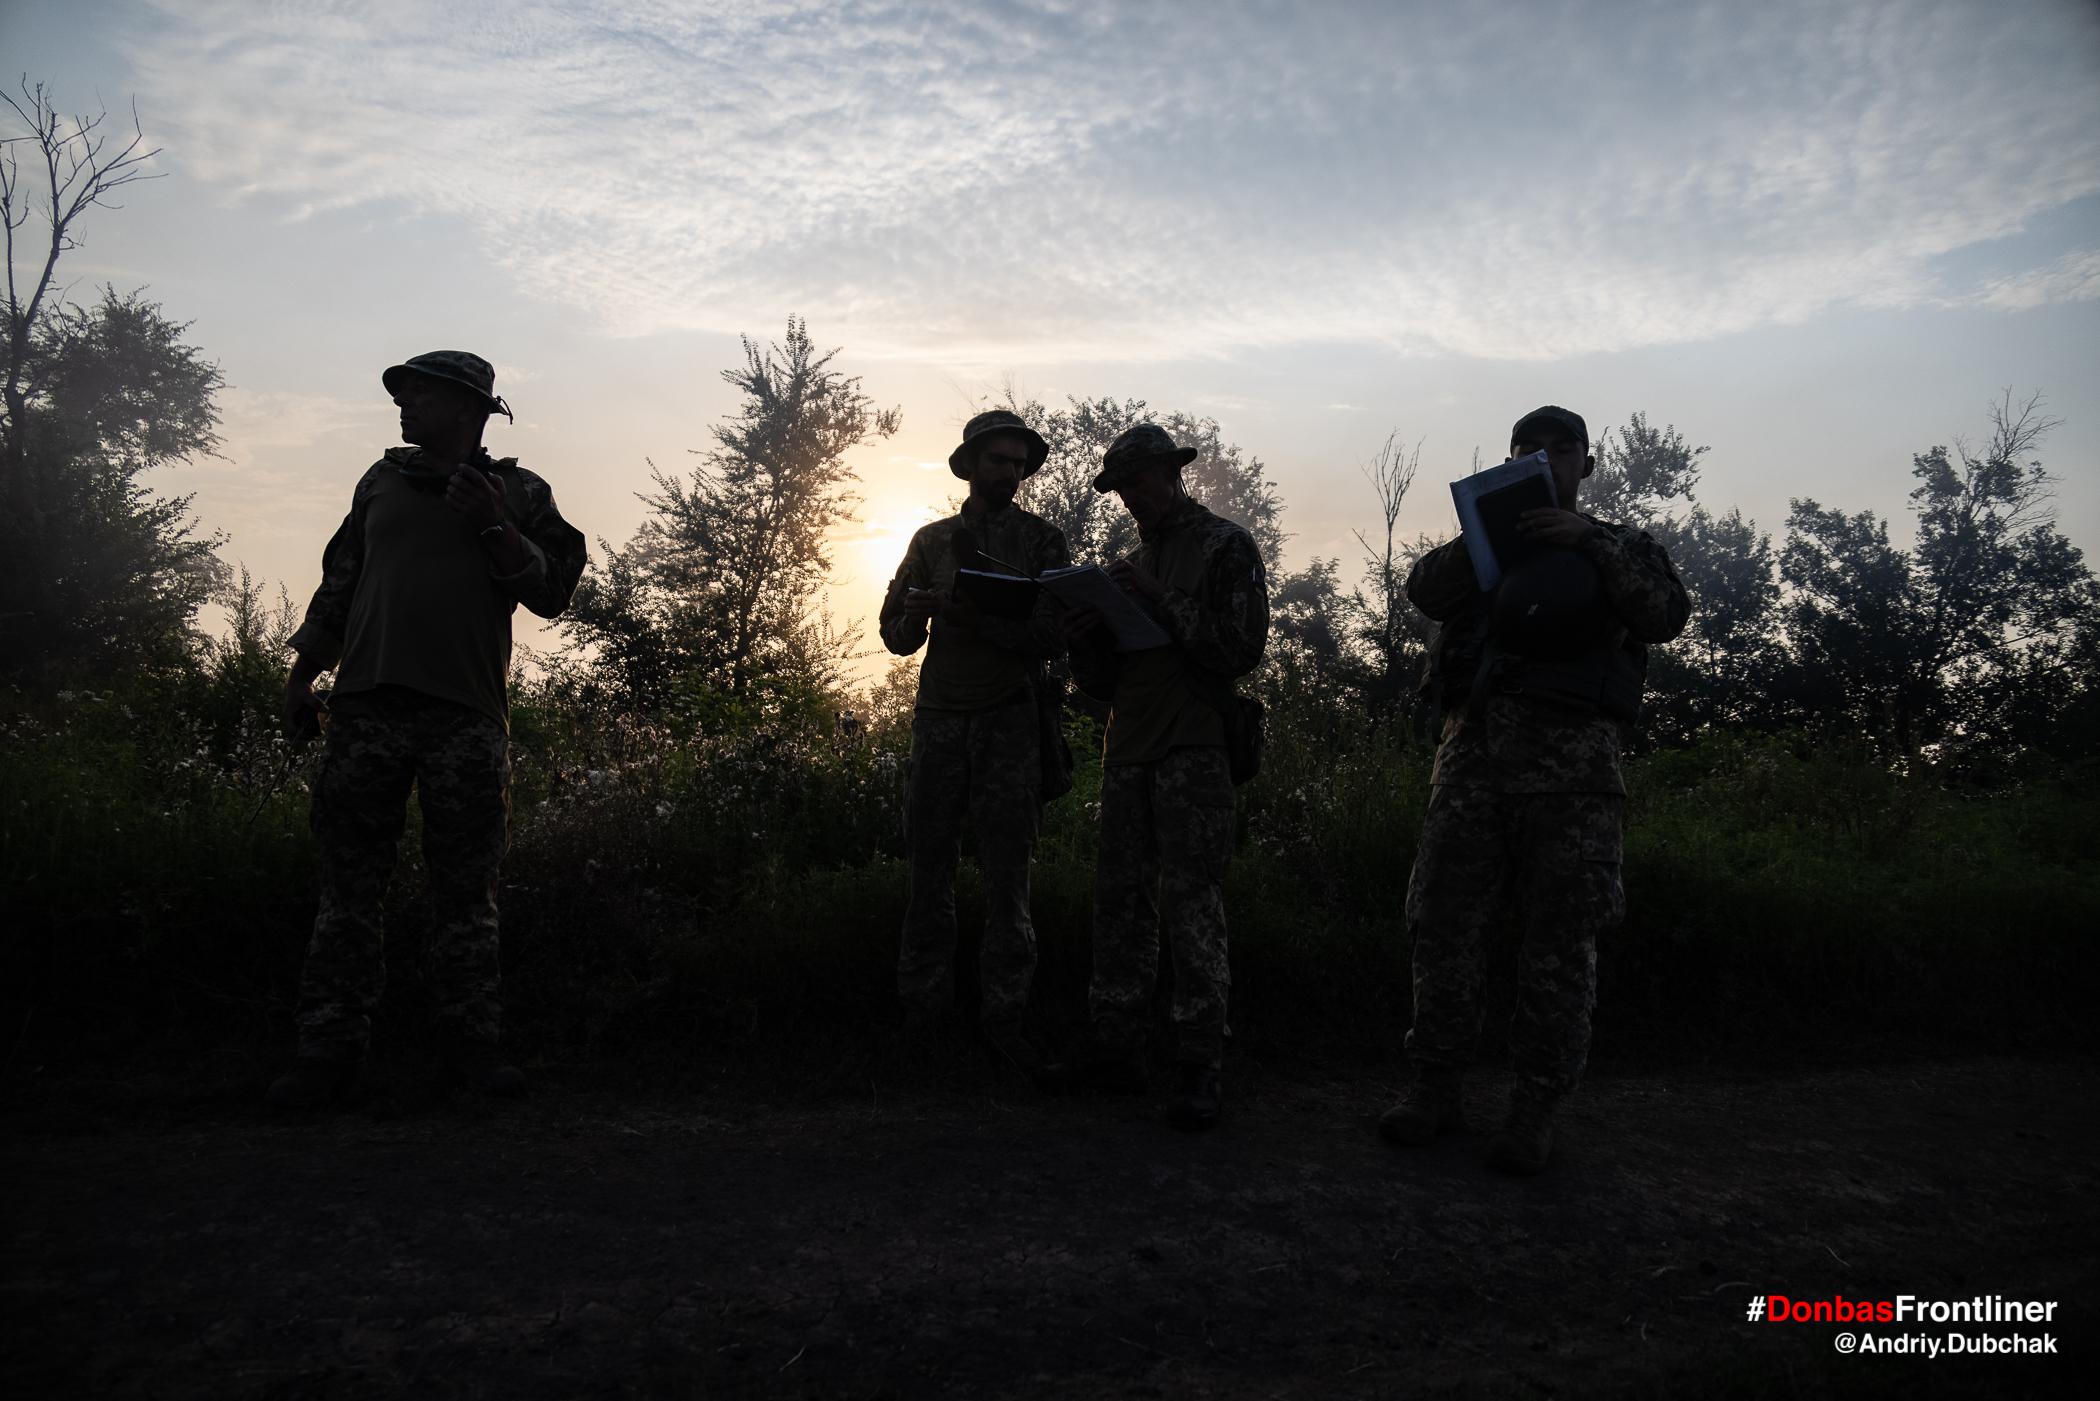 Світанок. Бойове тренування 503-го батальйону морської піхоти на Приазов'ї, липень 2021 року